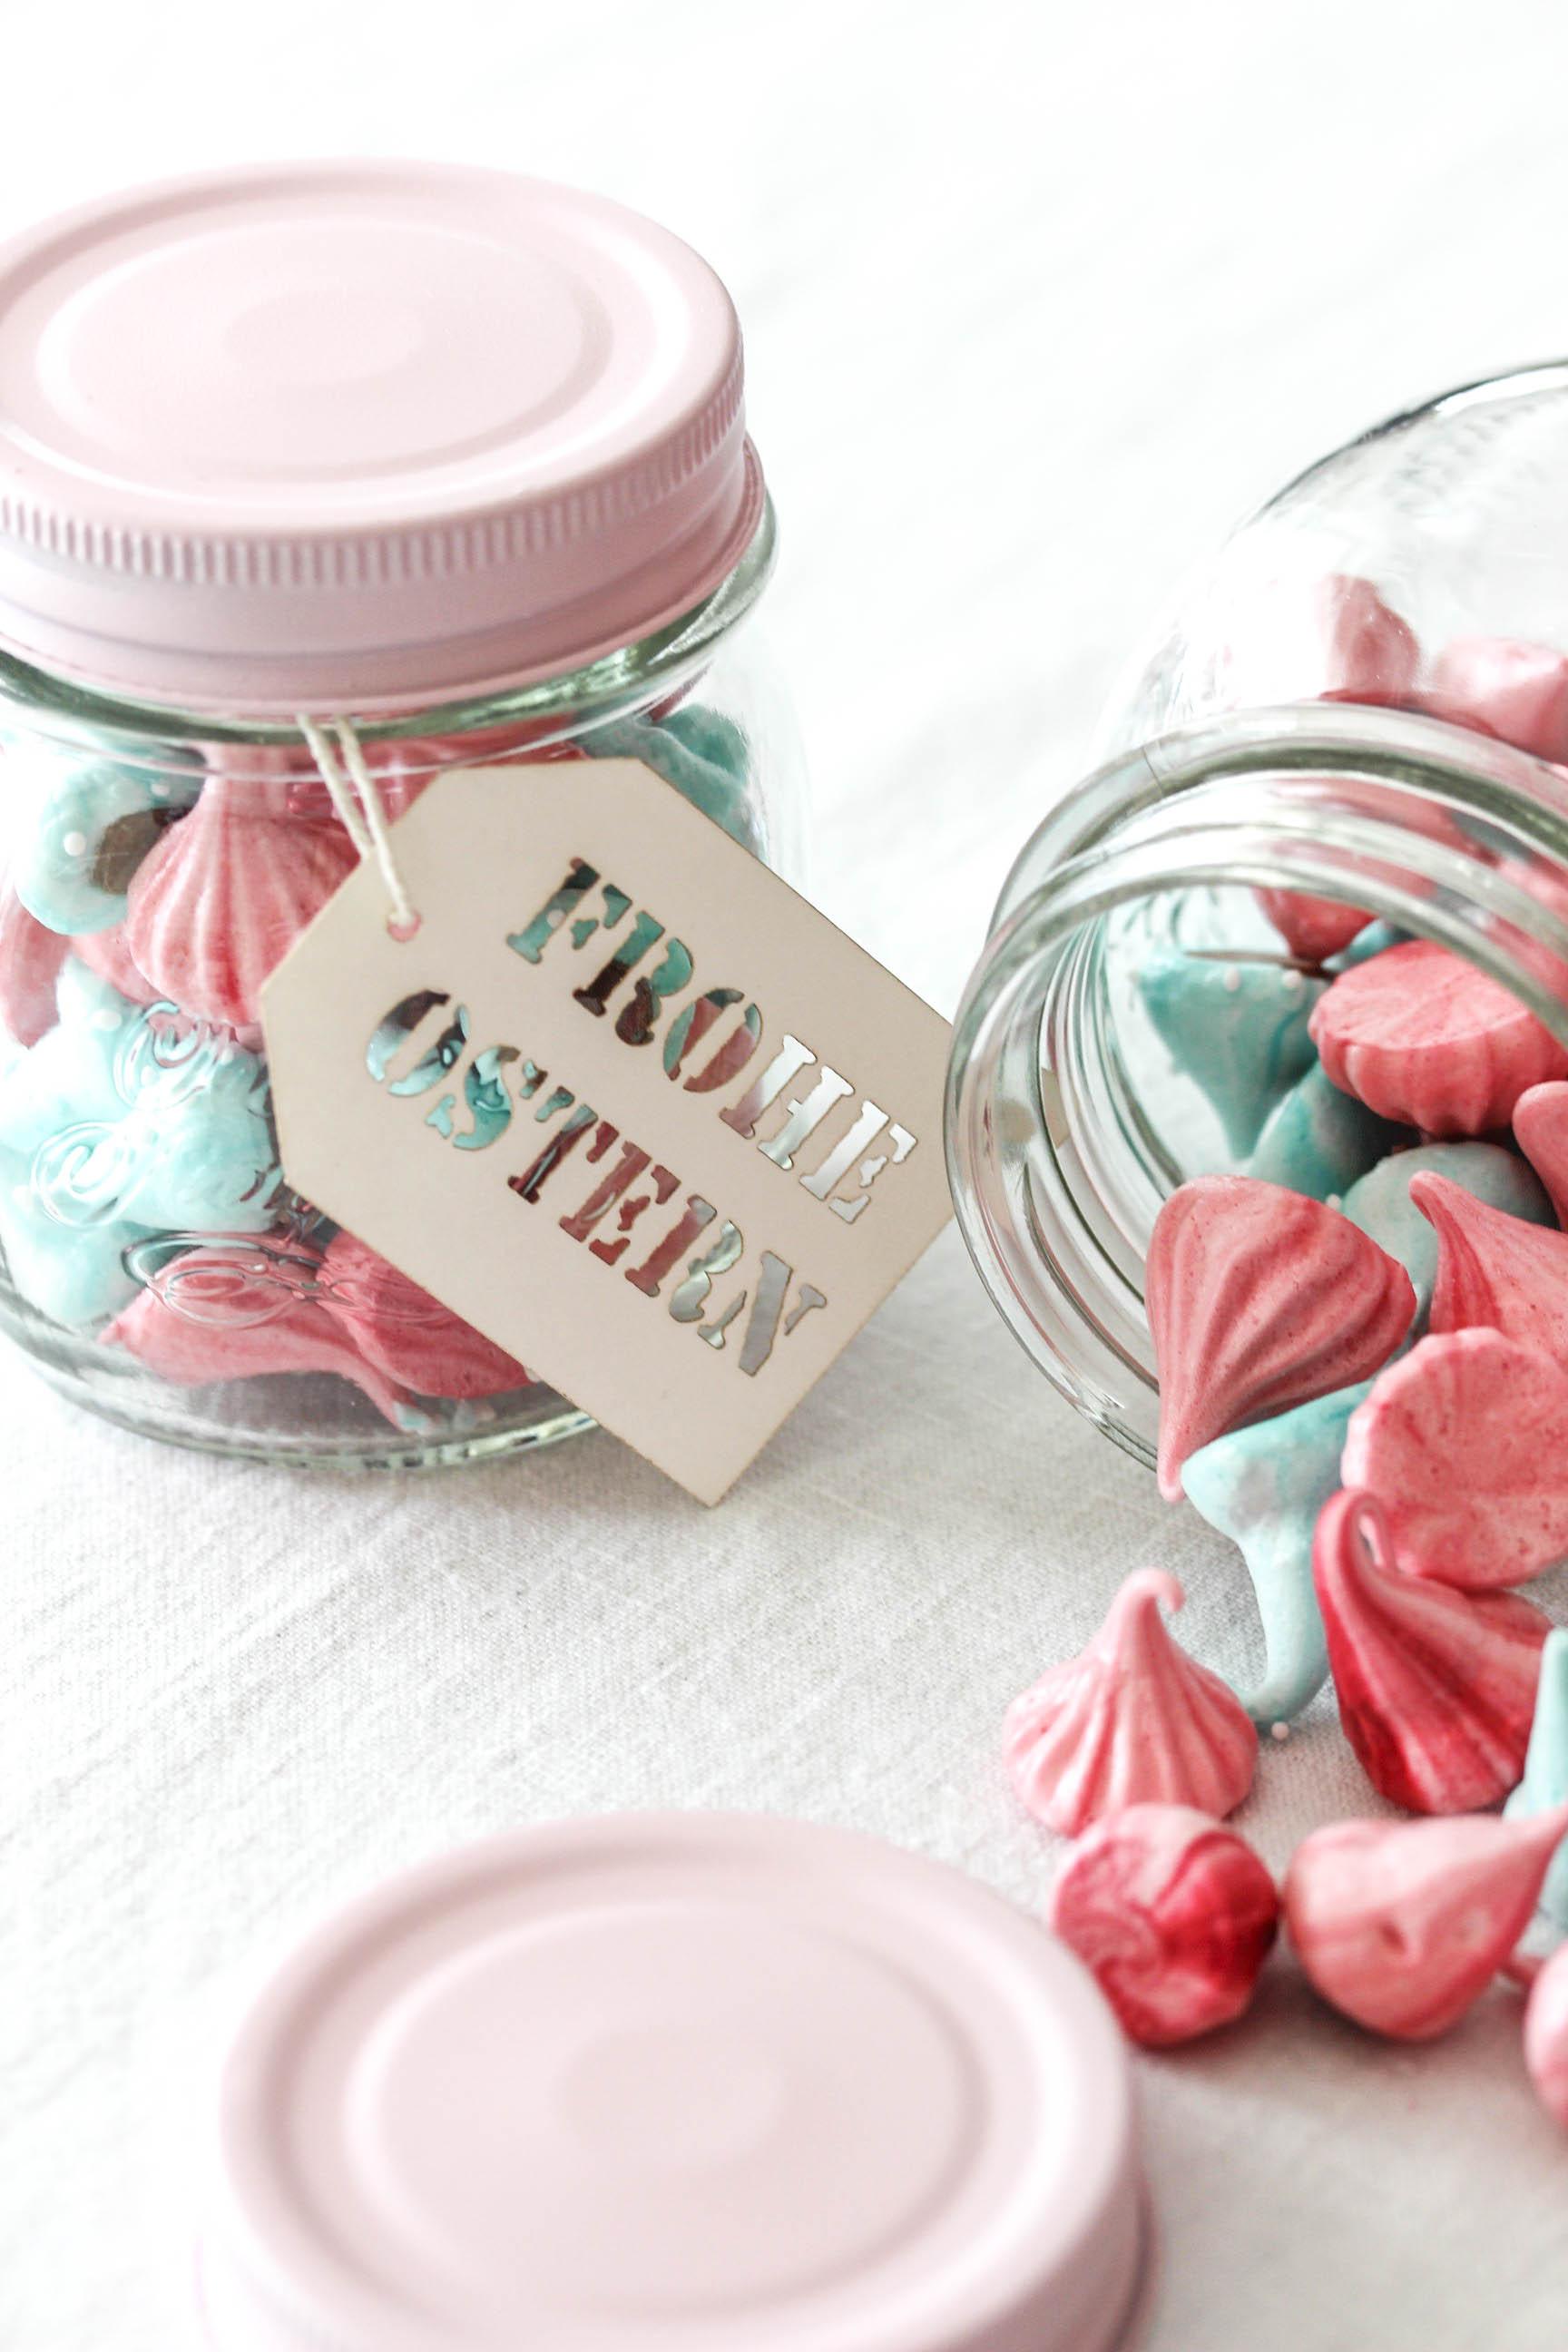 Rezept & DIY: Meringue im Glas zu Ostern selber machen verschenken Geschenke backen Ostern #ostern #cupcakes #mini #vanille #easter | Emma´s Lieblingsstücke